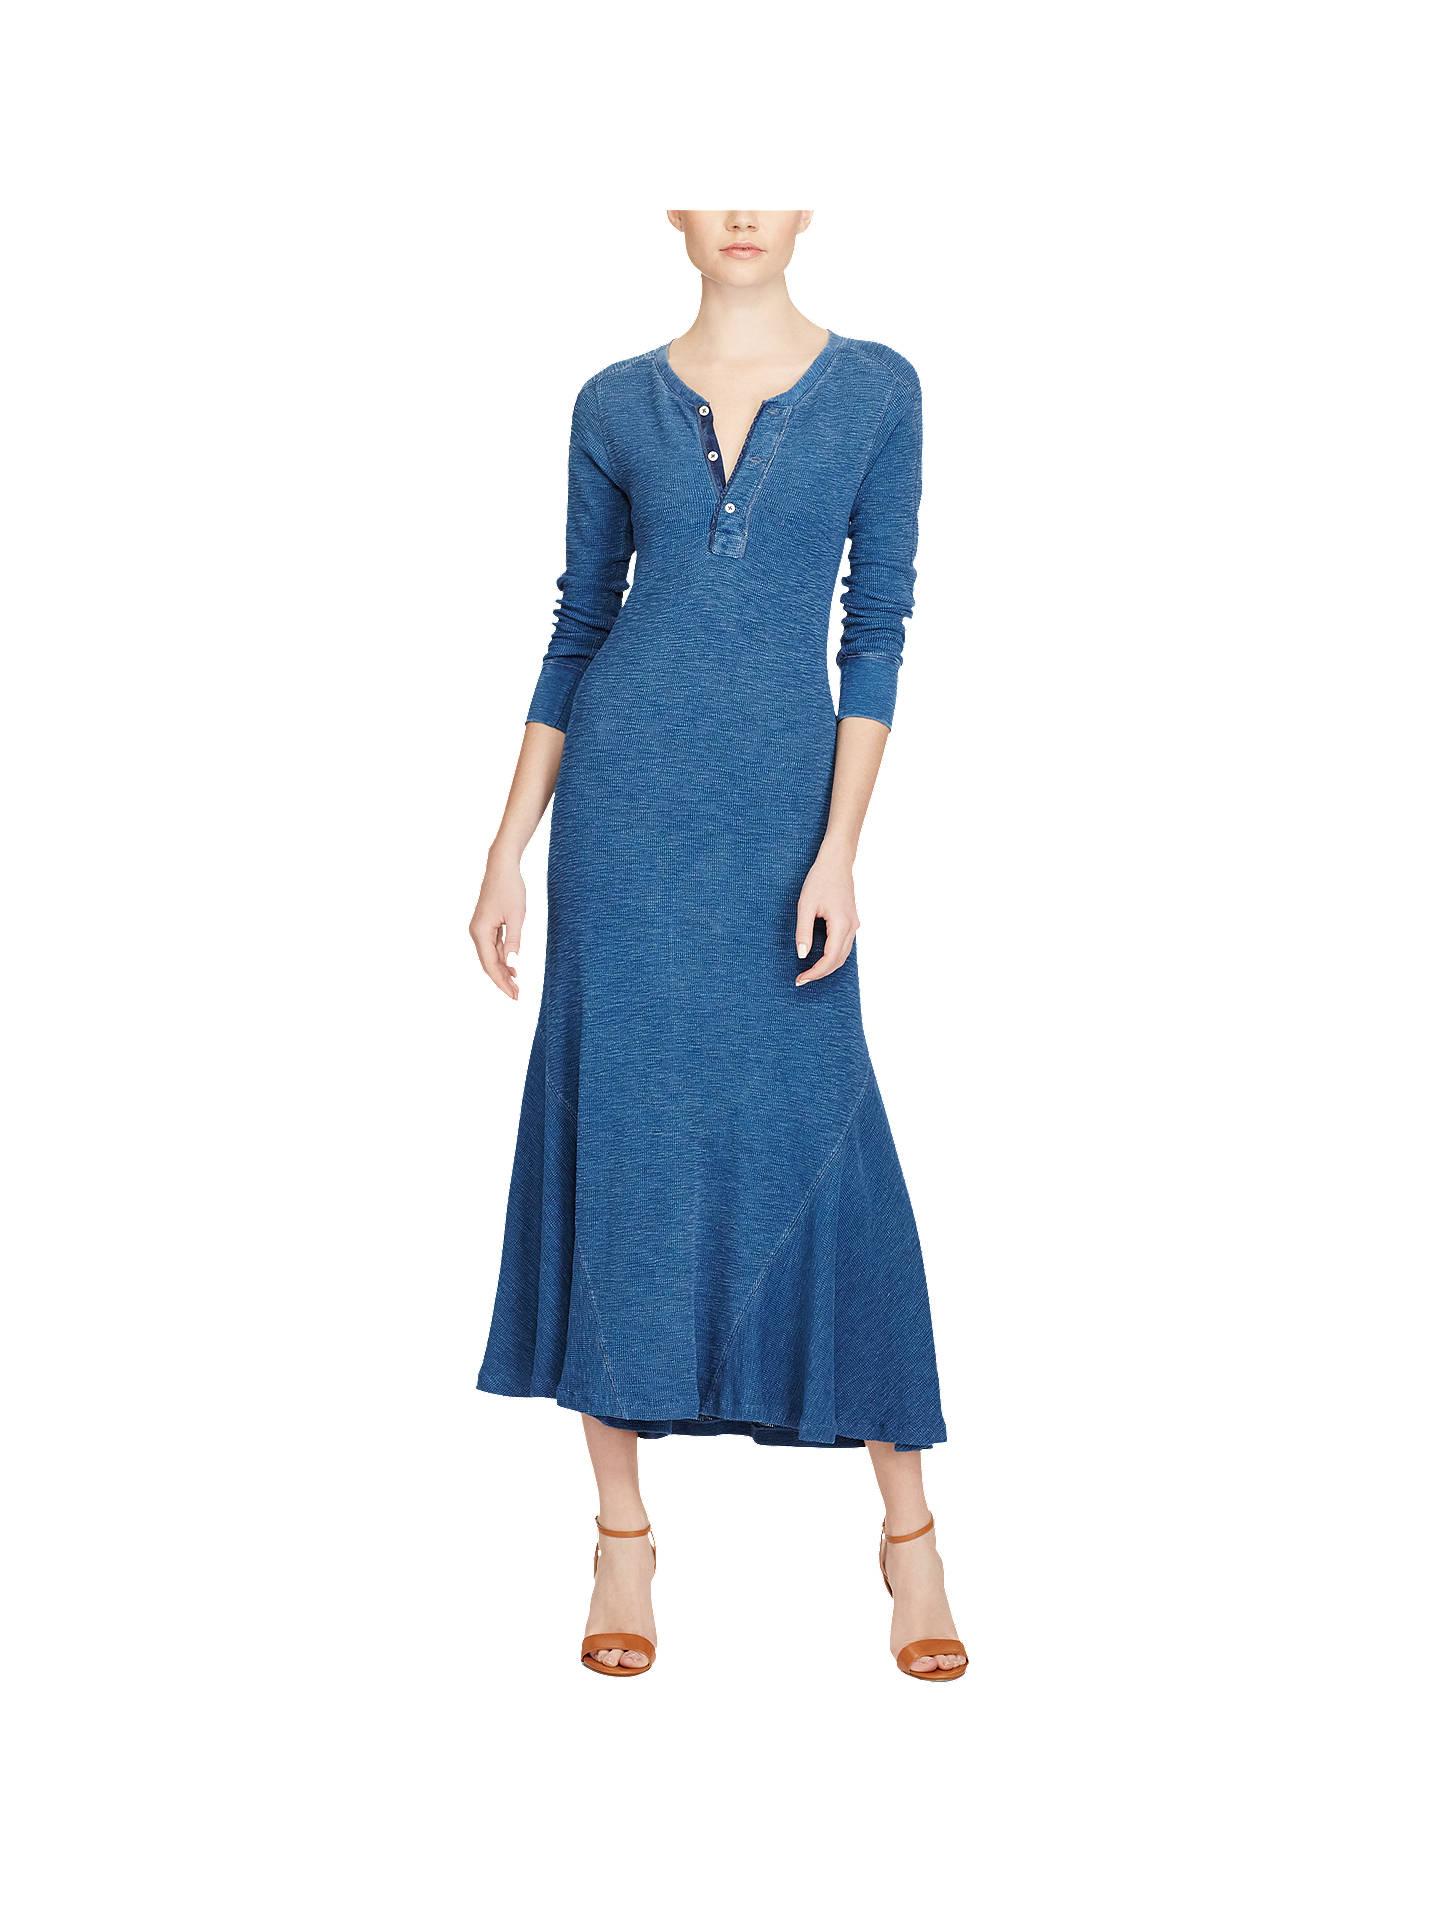 49c412c77a4 Buy Polo Ralph Lauren Henley Dress